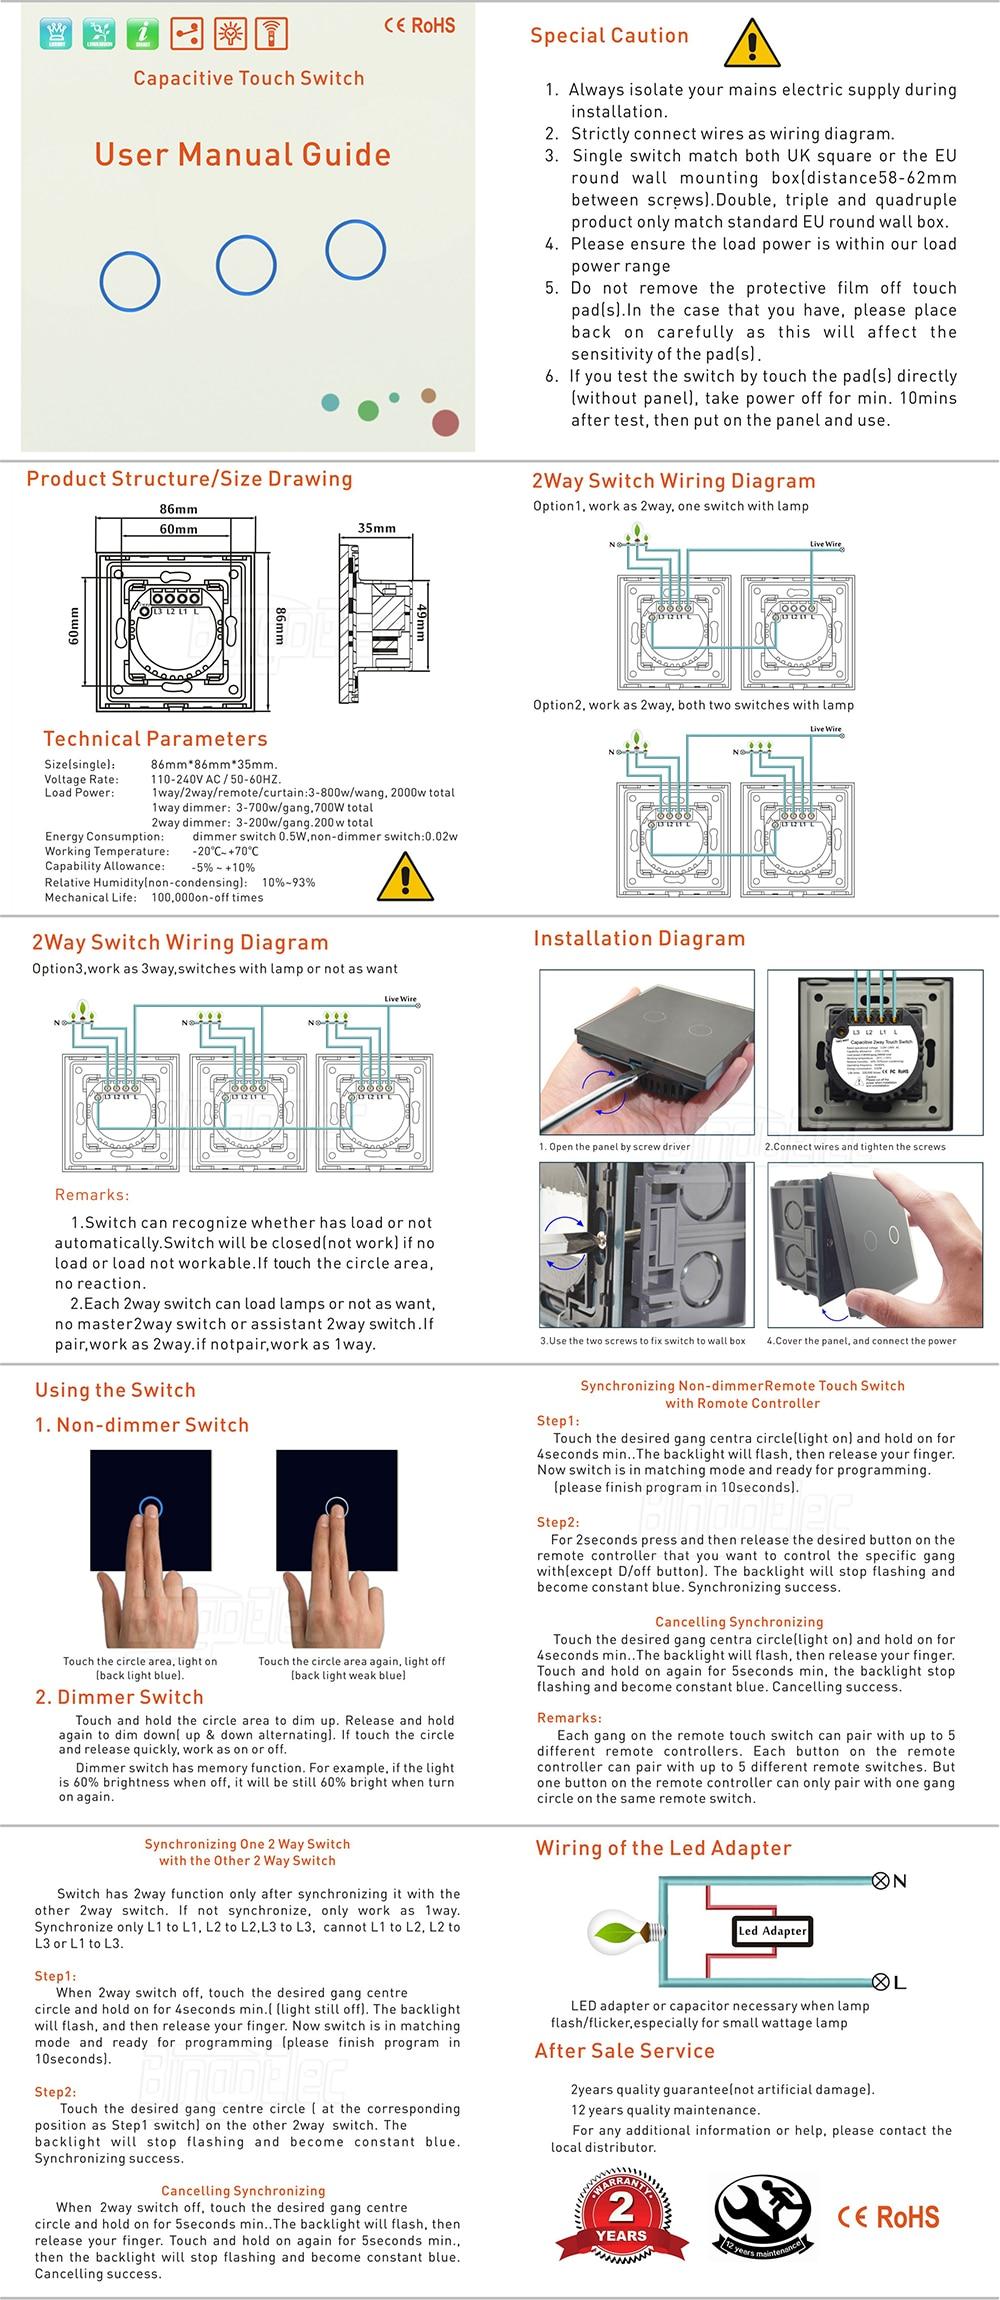 Eu Uk 1gang 2way Wireless Remote Light Switchwhite Glass Panel Lampfromtwodifferentplacesbytwo2wayswitches 2 Way